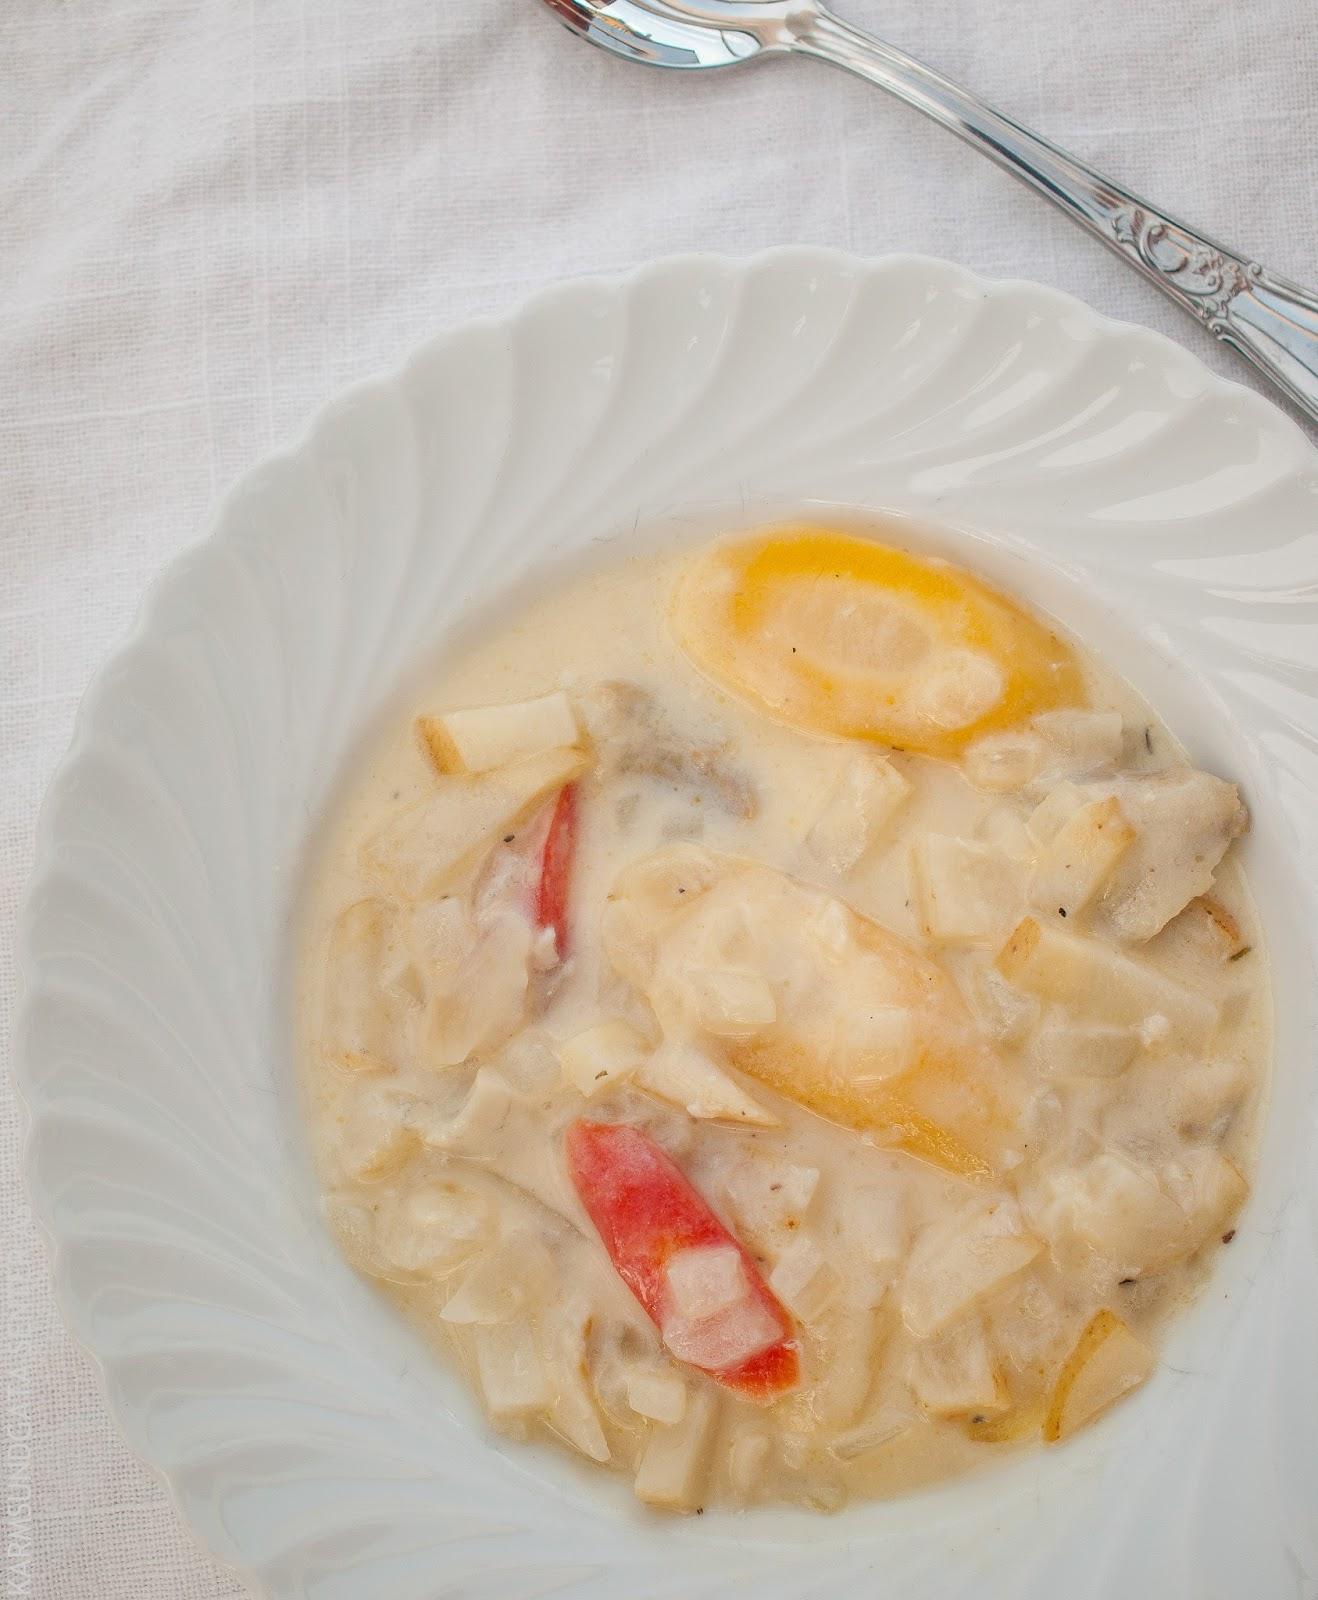 Nem fiskesuppe av torsk eller sei med gulrøtter og selerirot